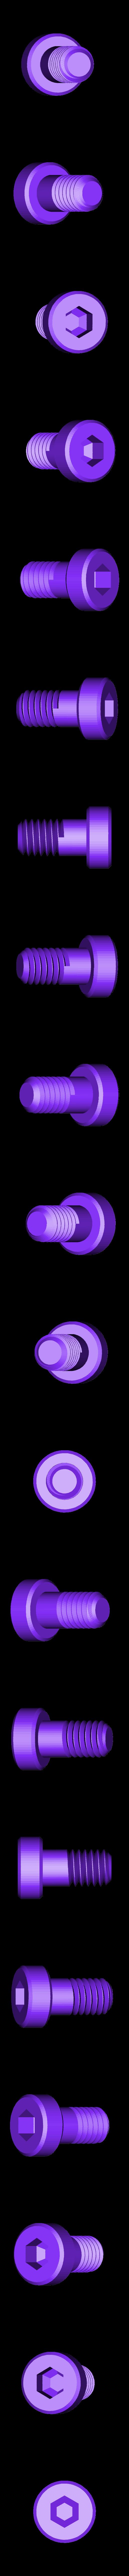 screw_M6x15.stl Télécharger fichier STL gratuit coupe-bouteilles en plastique avec roulements • Plan pour imprimante 3D, SiberK